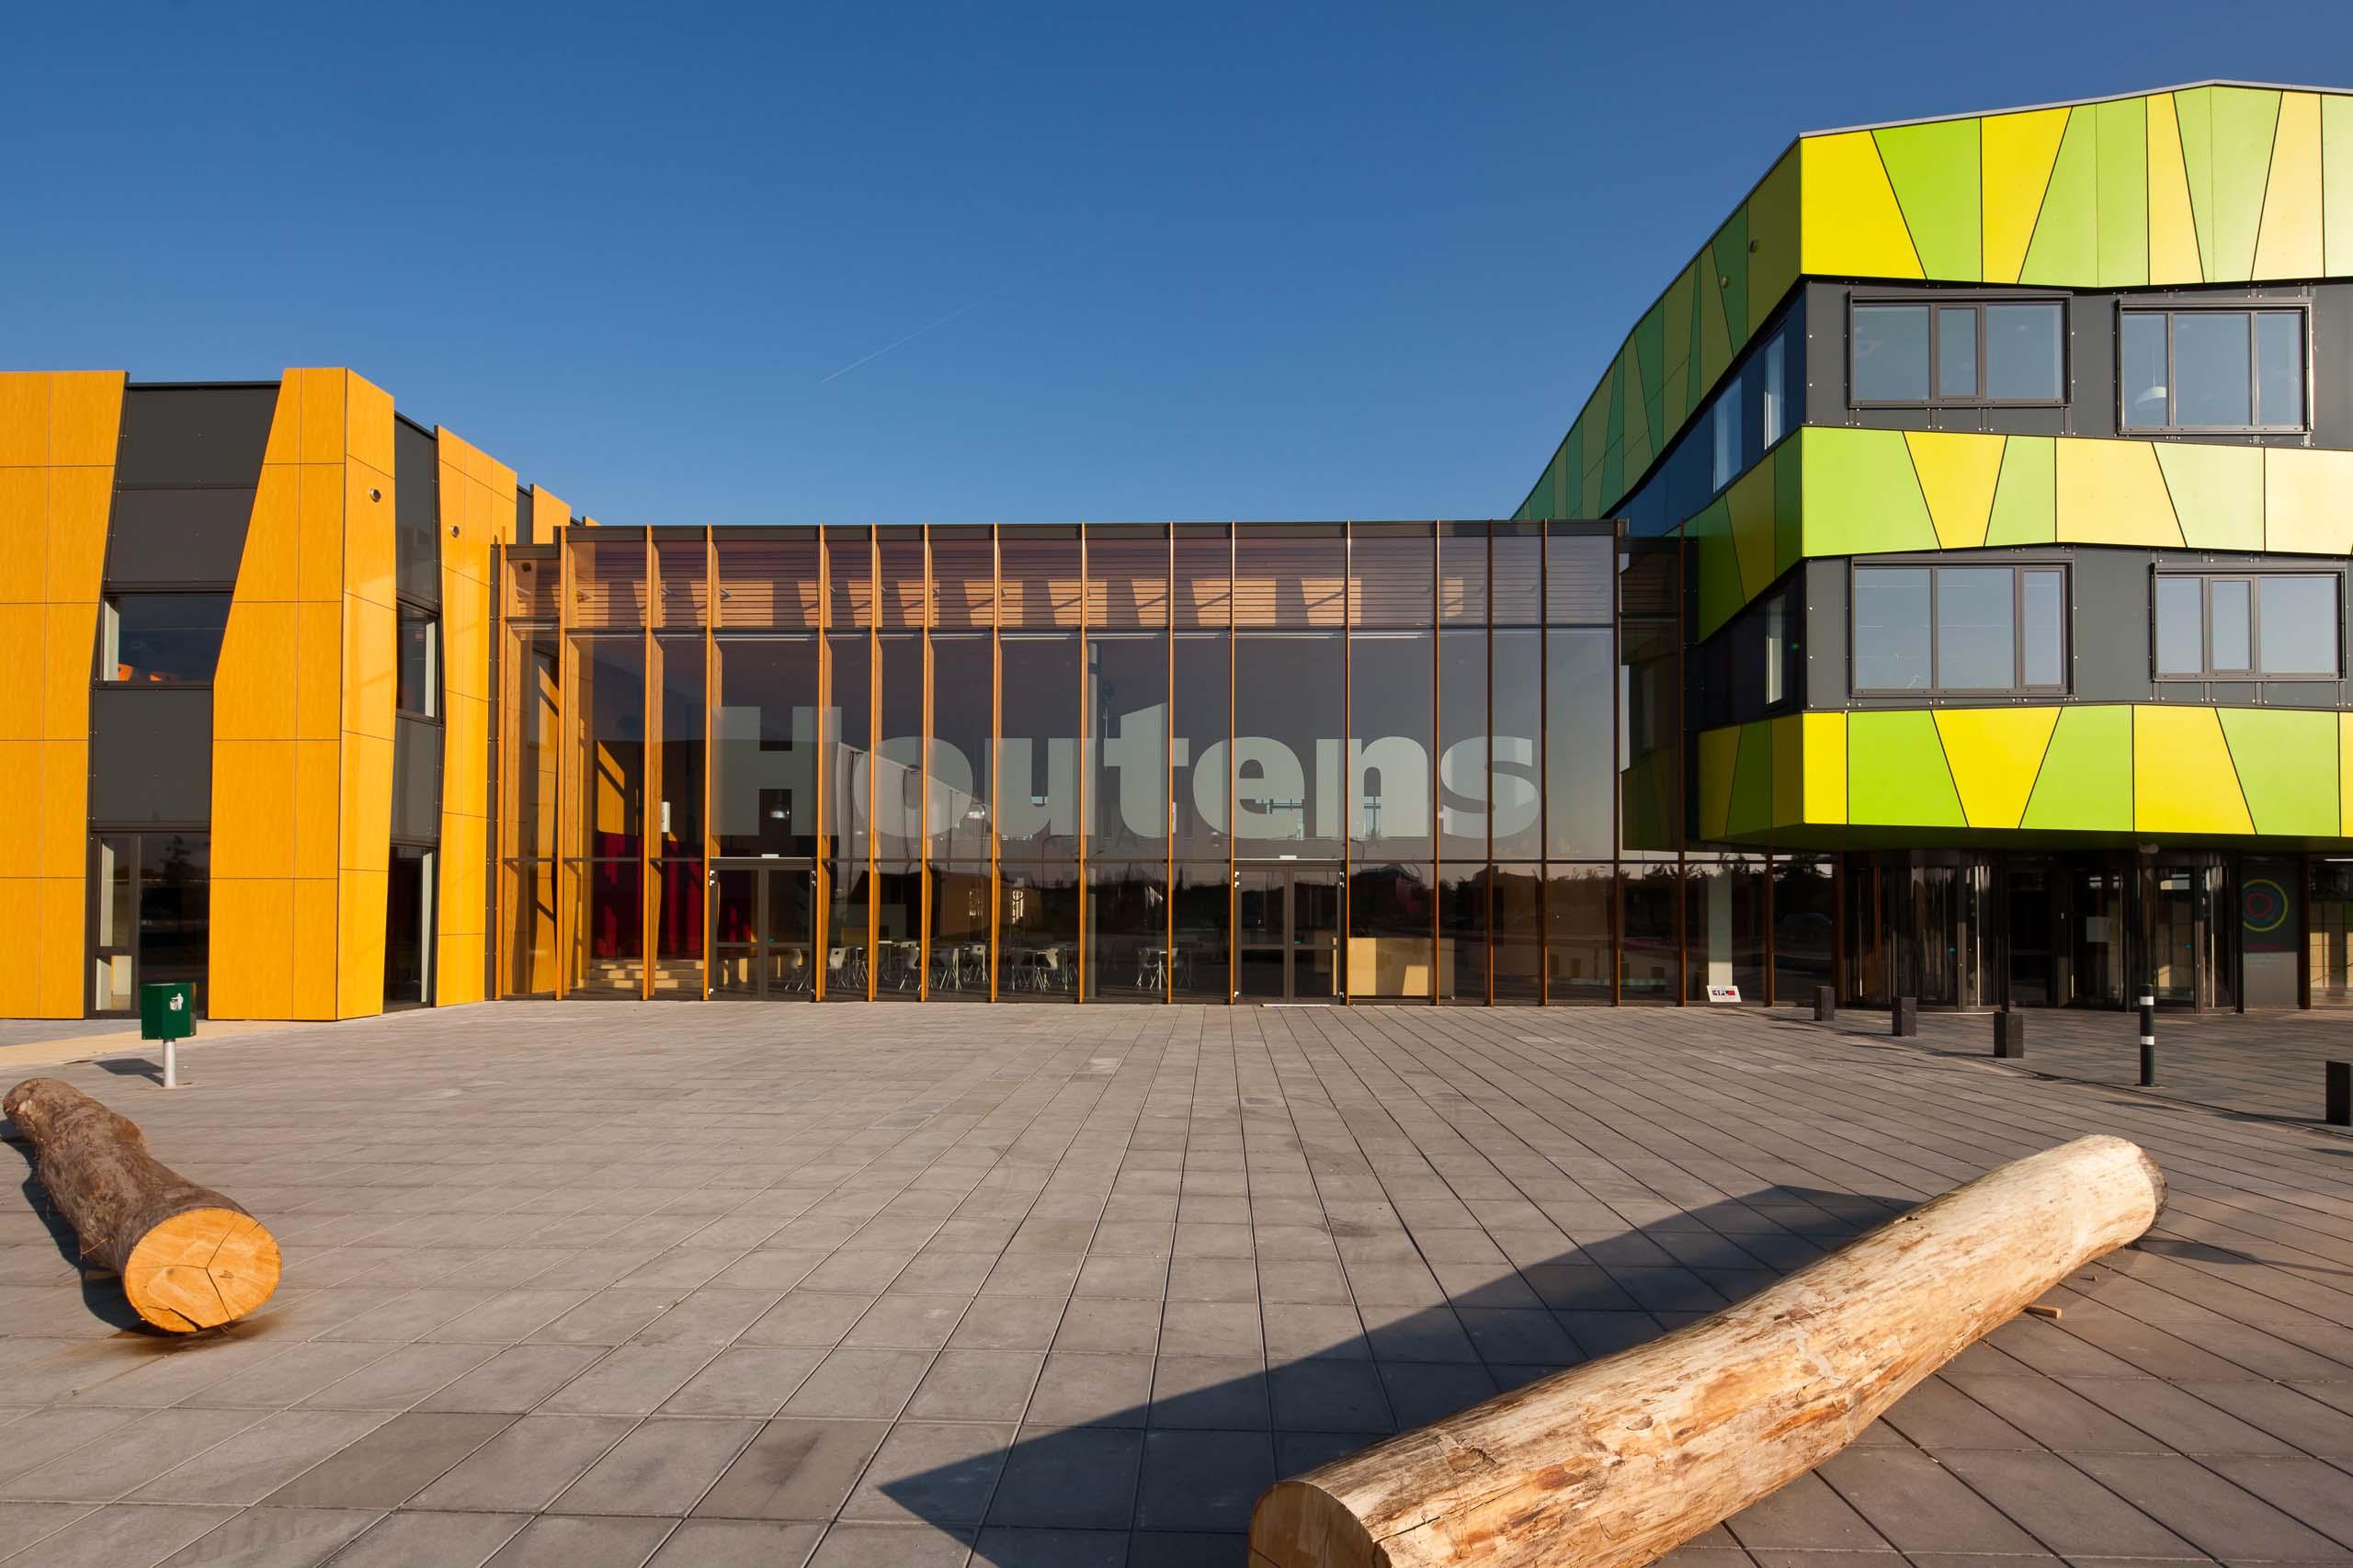 architect scholen onderwijs schoolgebouw VMBO MAVO Het Houtens Houten BBHD architecten